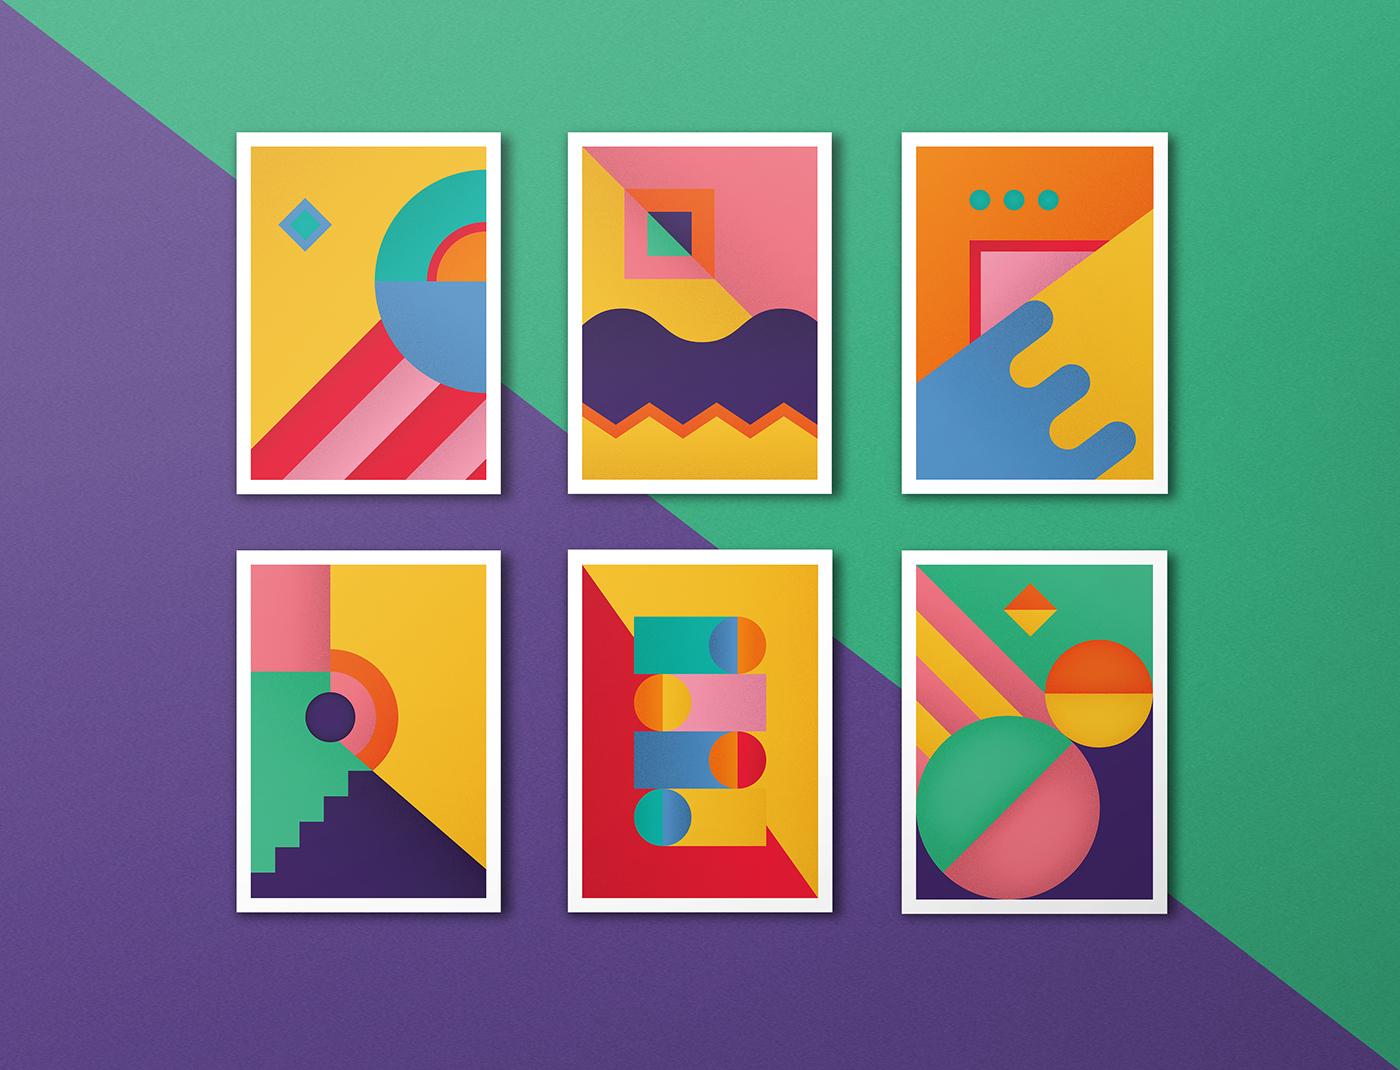 高質感的15款幾何設計欣賞